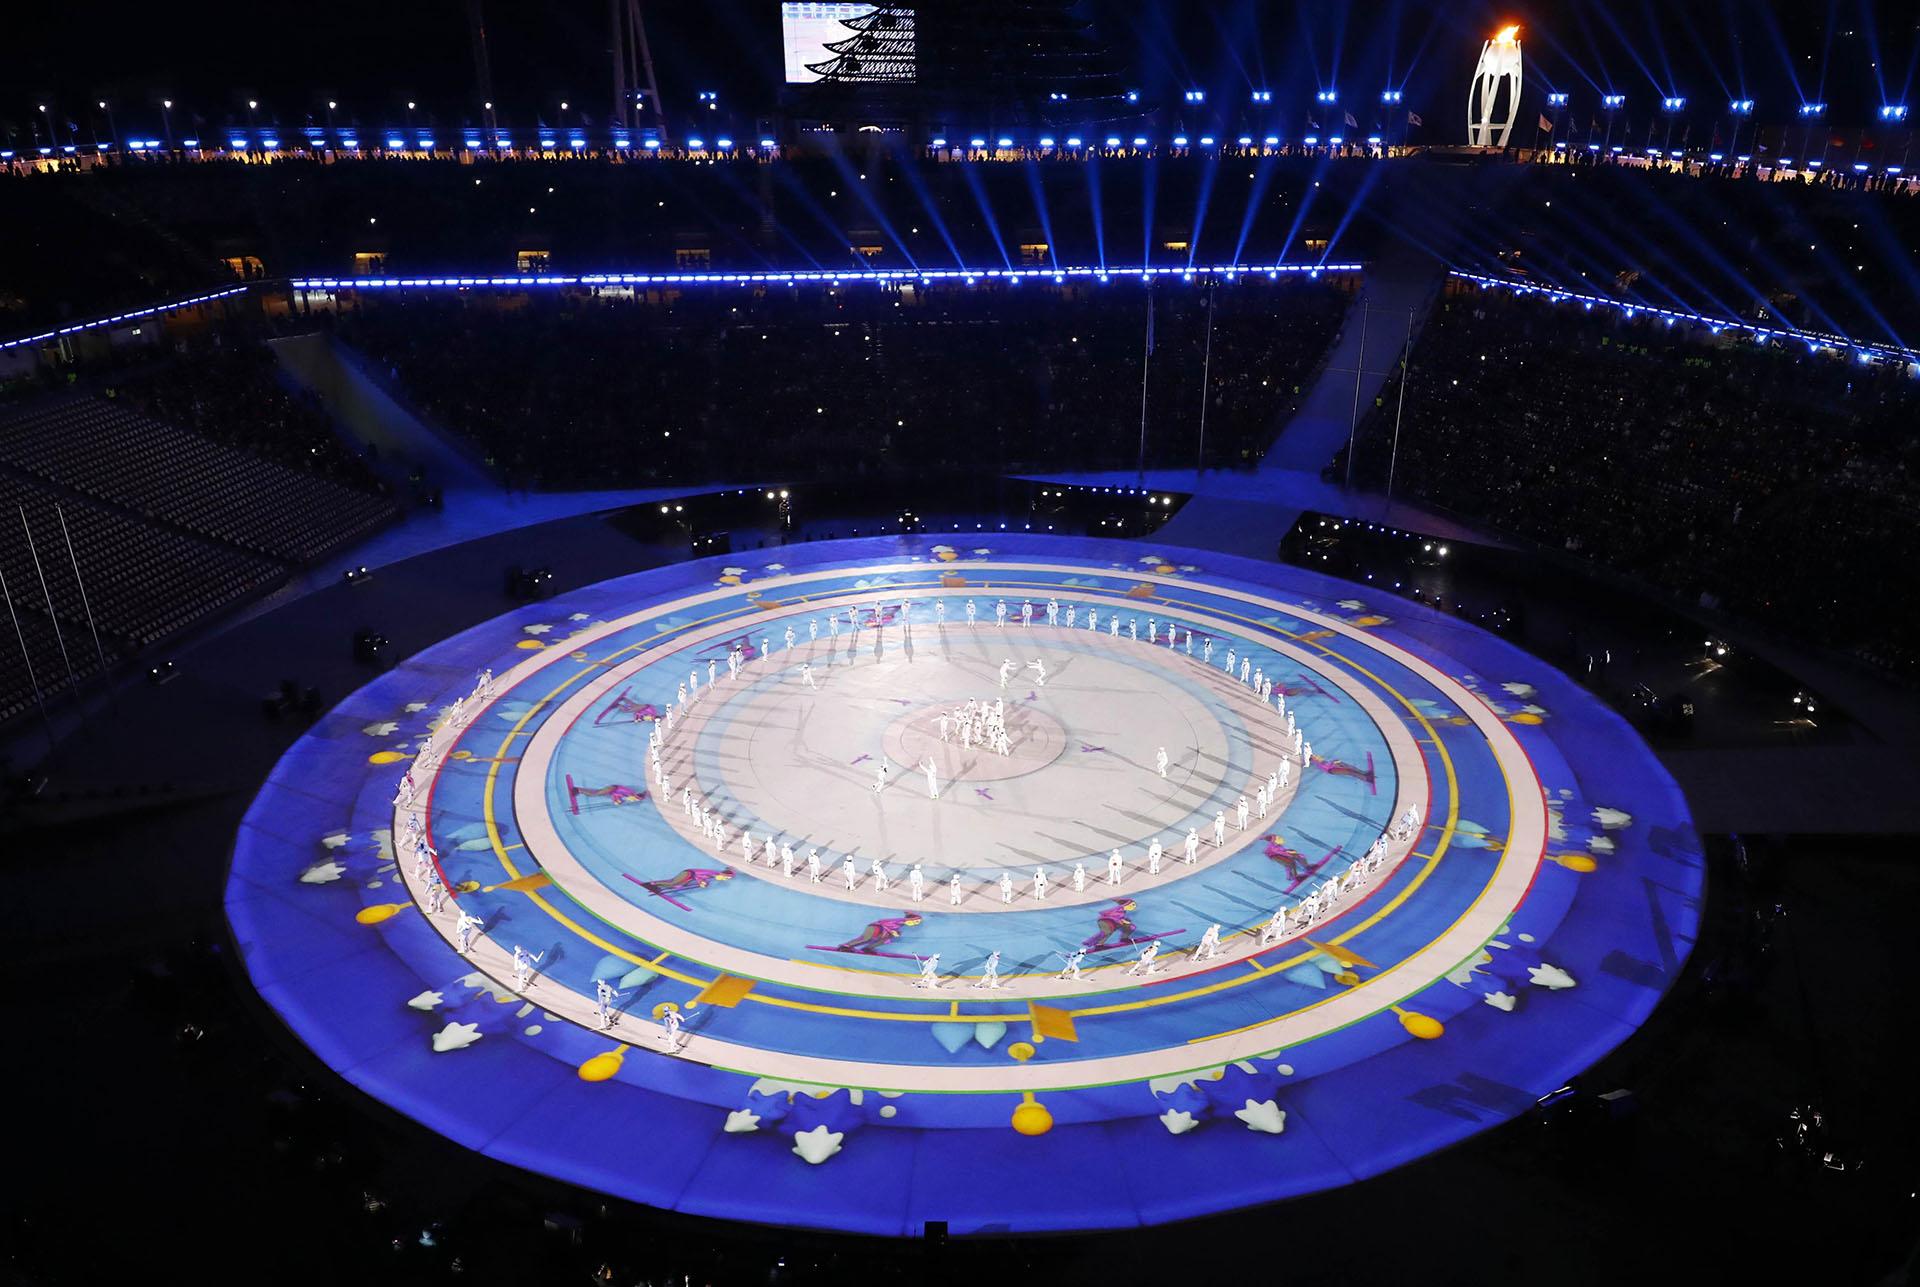 La próxima edición será en Pekín 2022